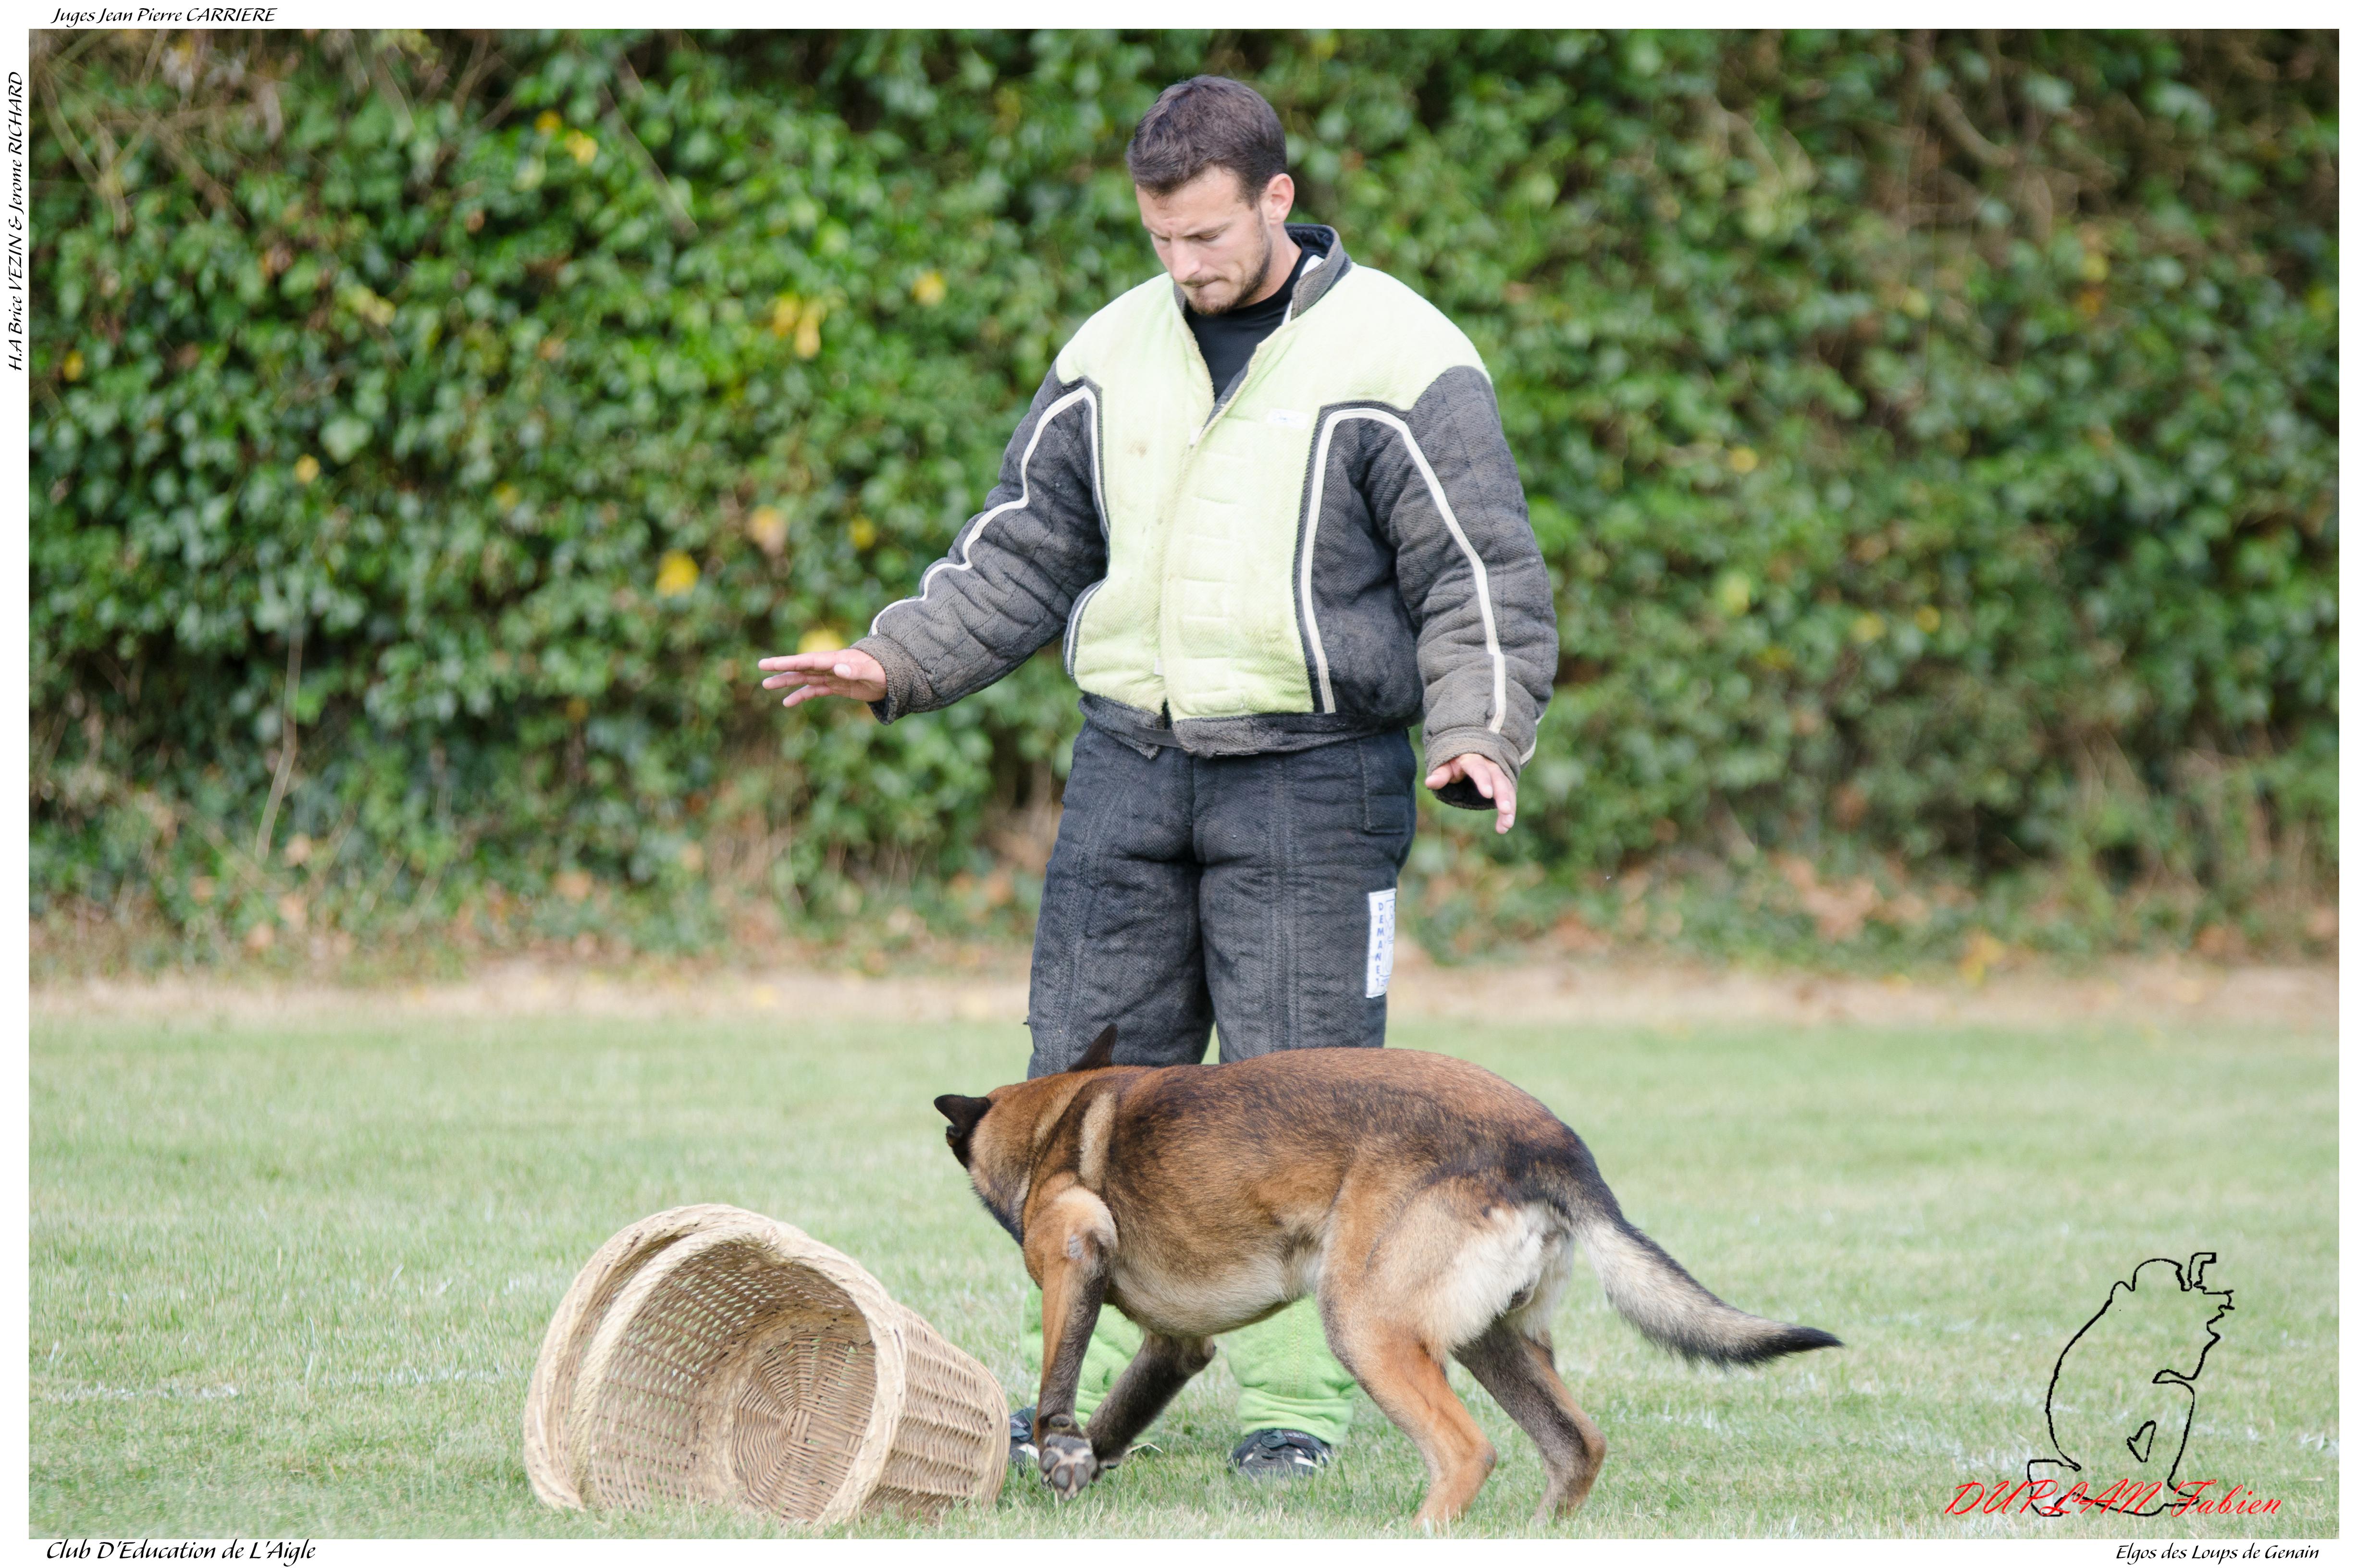 Elgos des loups de genain duplan e - -3514 photo